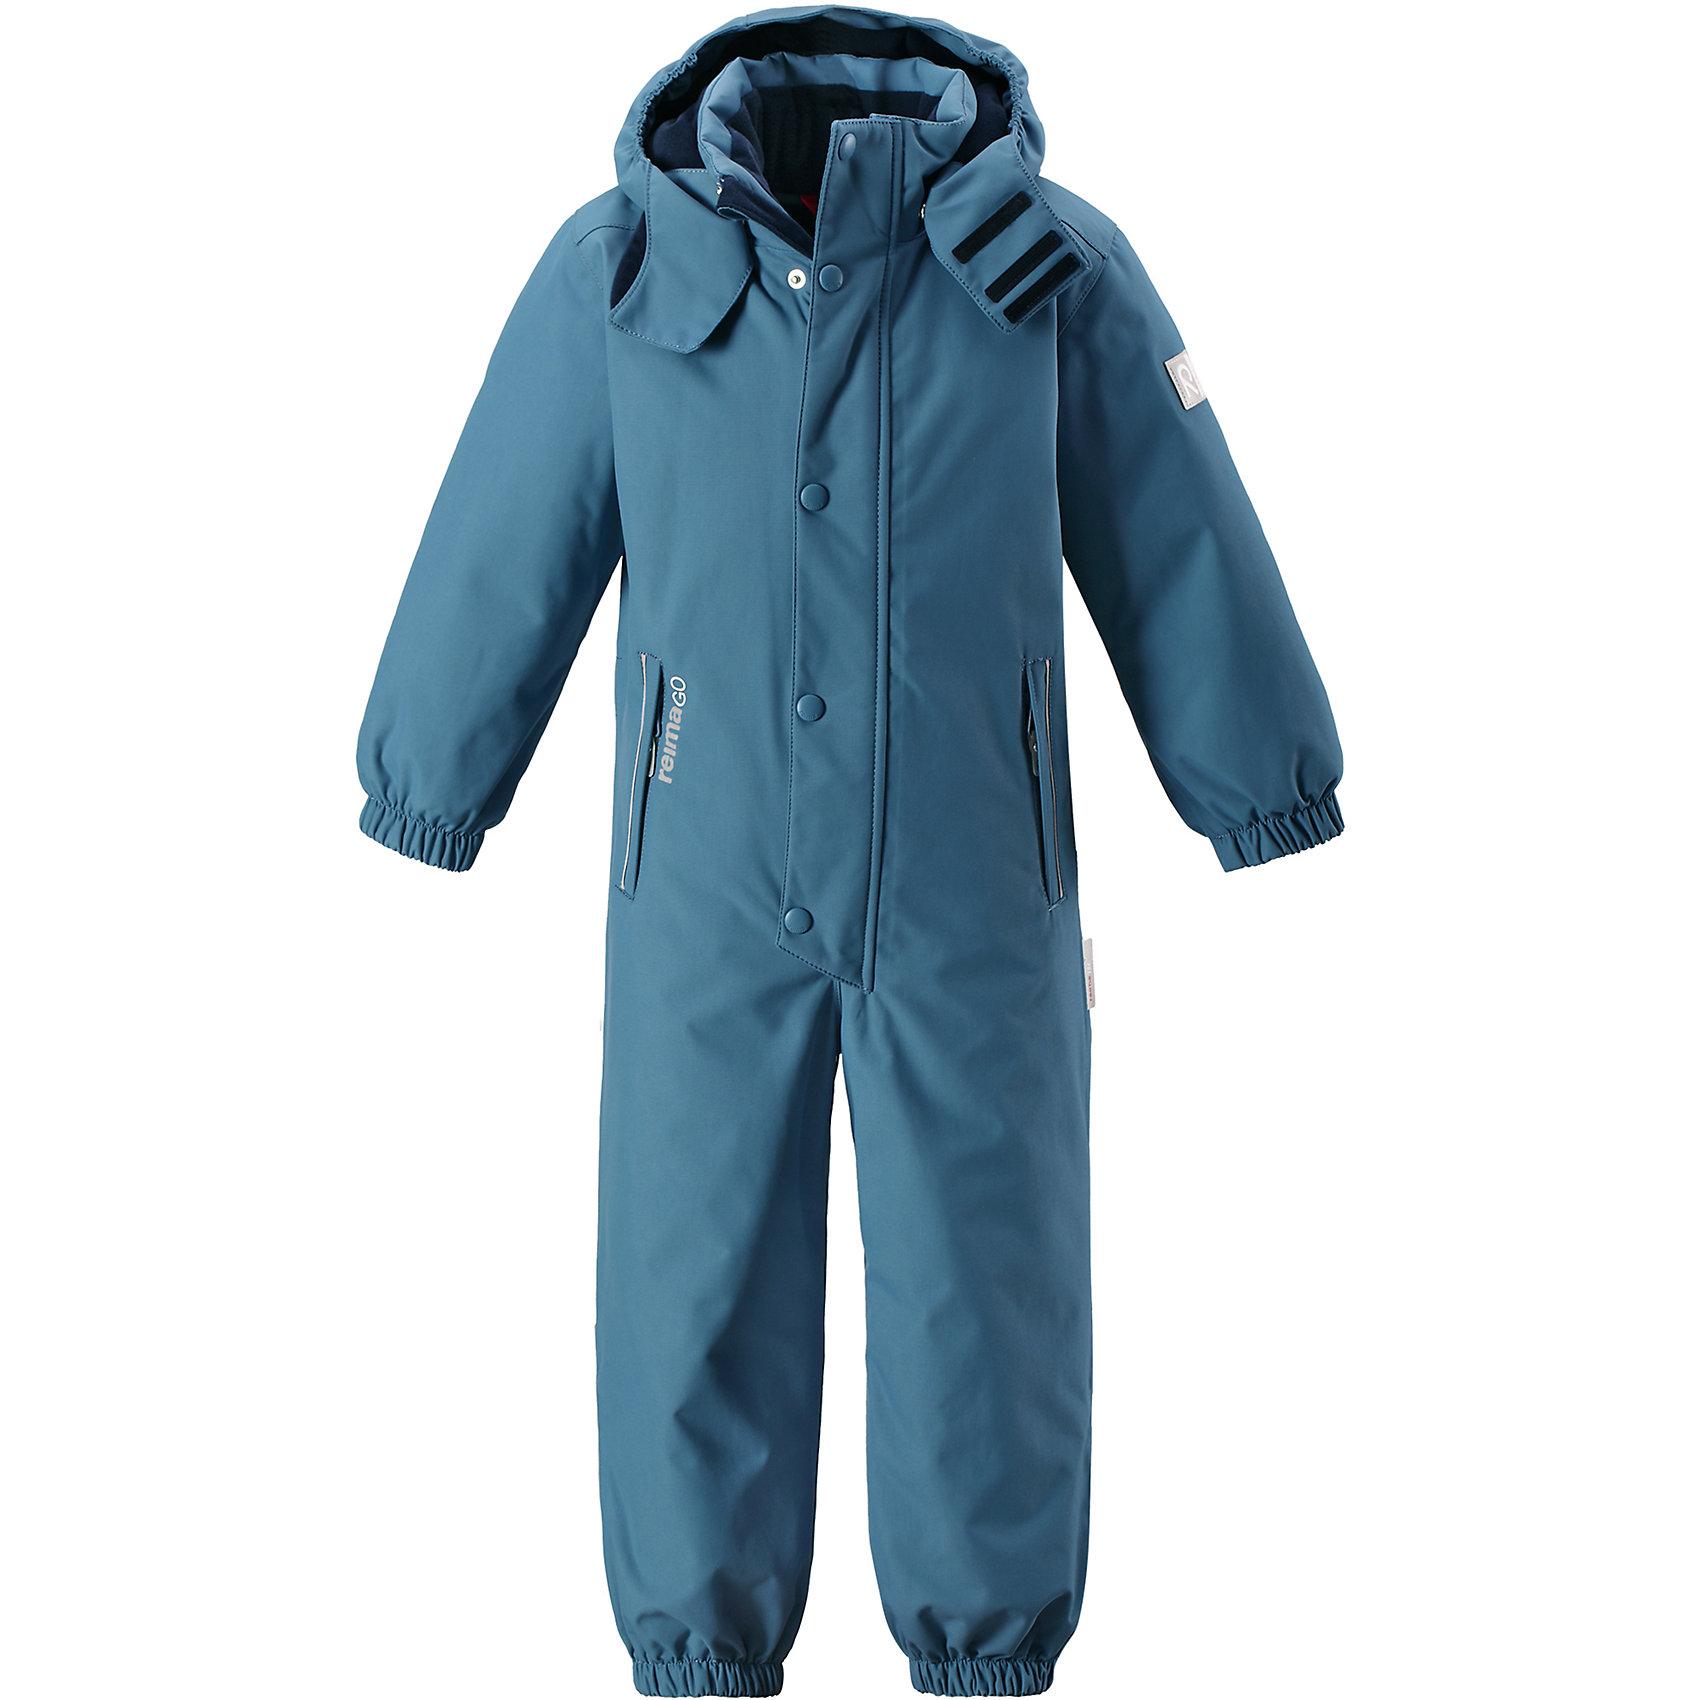 Комбинезон Reimatec® Reima KuusamoВерхняя одежда<br>Характеристики товара:<br><br>• цвет: голубой;<br>• состав: 100% полиэстер;<br>• подкладка: 100% полиэстер;<br>• утеплитель: 160 г/м2<br>• температурный режим: от 0 до -20С;<br>• сезон: зима; <br>• водонепроницаемость: 12000 мм;<br>• воздухопроницаемость: 8000 мм;<br>• износостойкость: 80000 циклов (тест Мартиндейла);<br>• водо- и ветронепроницаемый, дышащий и грязеотталкивающий материал;<br>• все швы проклеены и водонепроницаемы;<br>• гладкая подкладка из полиэстера;<br>• эластичные манжеты и пояс сзади;<br>• застежка: молния с защитой подбородка;<br>• безопасный съемный  и регулируемый капюшон на кнопках;<br>• регулируемая длина брюк с помощью кнопок;<br>• внутренняя регулировка обхвата талии;<br>• прочные съемные силиконовые штрипки;<br>• два кармана на молнии;<br>• кармана с креплением для сенсора ReimaGO®;<br>• светоотражающие детали;<br>• страна бренда: Финляндия;<br>• страна изготовитель: Китай.<br><br>Абсолютно непромокаемый детский зимний комбинезон Reimatec® с полностью проклеенными швами. Этот практичный комбинезон изготовлен из ветронепроницаемого и дышащего материала, поэтому вашему ребенку будет тепло и сухо, к тому же он не вспотеет. Комбинезон снабжен гладкой подкладкой из полиэстера. В этом комбинезоне прямого кроя талия при необходимости легко регулируется, что позволяет подогнать комбинезон точно по фигуре. А еще он снабжен эластичными манжетами на рукавах и концах брючин, которые регулируются застежкой на кнопках. <br><br>Съемный и регулируемый капюшон защищает от пронизывающего ветра, а еще он безопасен во время игр на свежем воздухе. Кнопки легко отстегиваются, если капюшон случайно за что-нибудь зацепится. Съемные и регулируемые силиконовые штрипки не дают концам брючин выбиваться из обуви, бегай сколько хочешь! Два кармана на молнии и специальный карман с кнопками для сенсора ReimaGO®. Материал имеет грязеотталкивающую поверхность, и при этом его можно сушить в сушильной машине. Светоотражаю